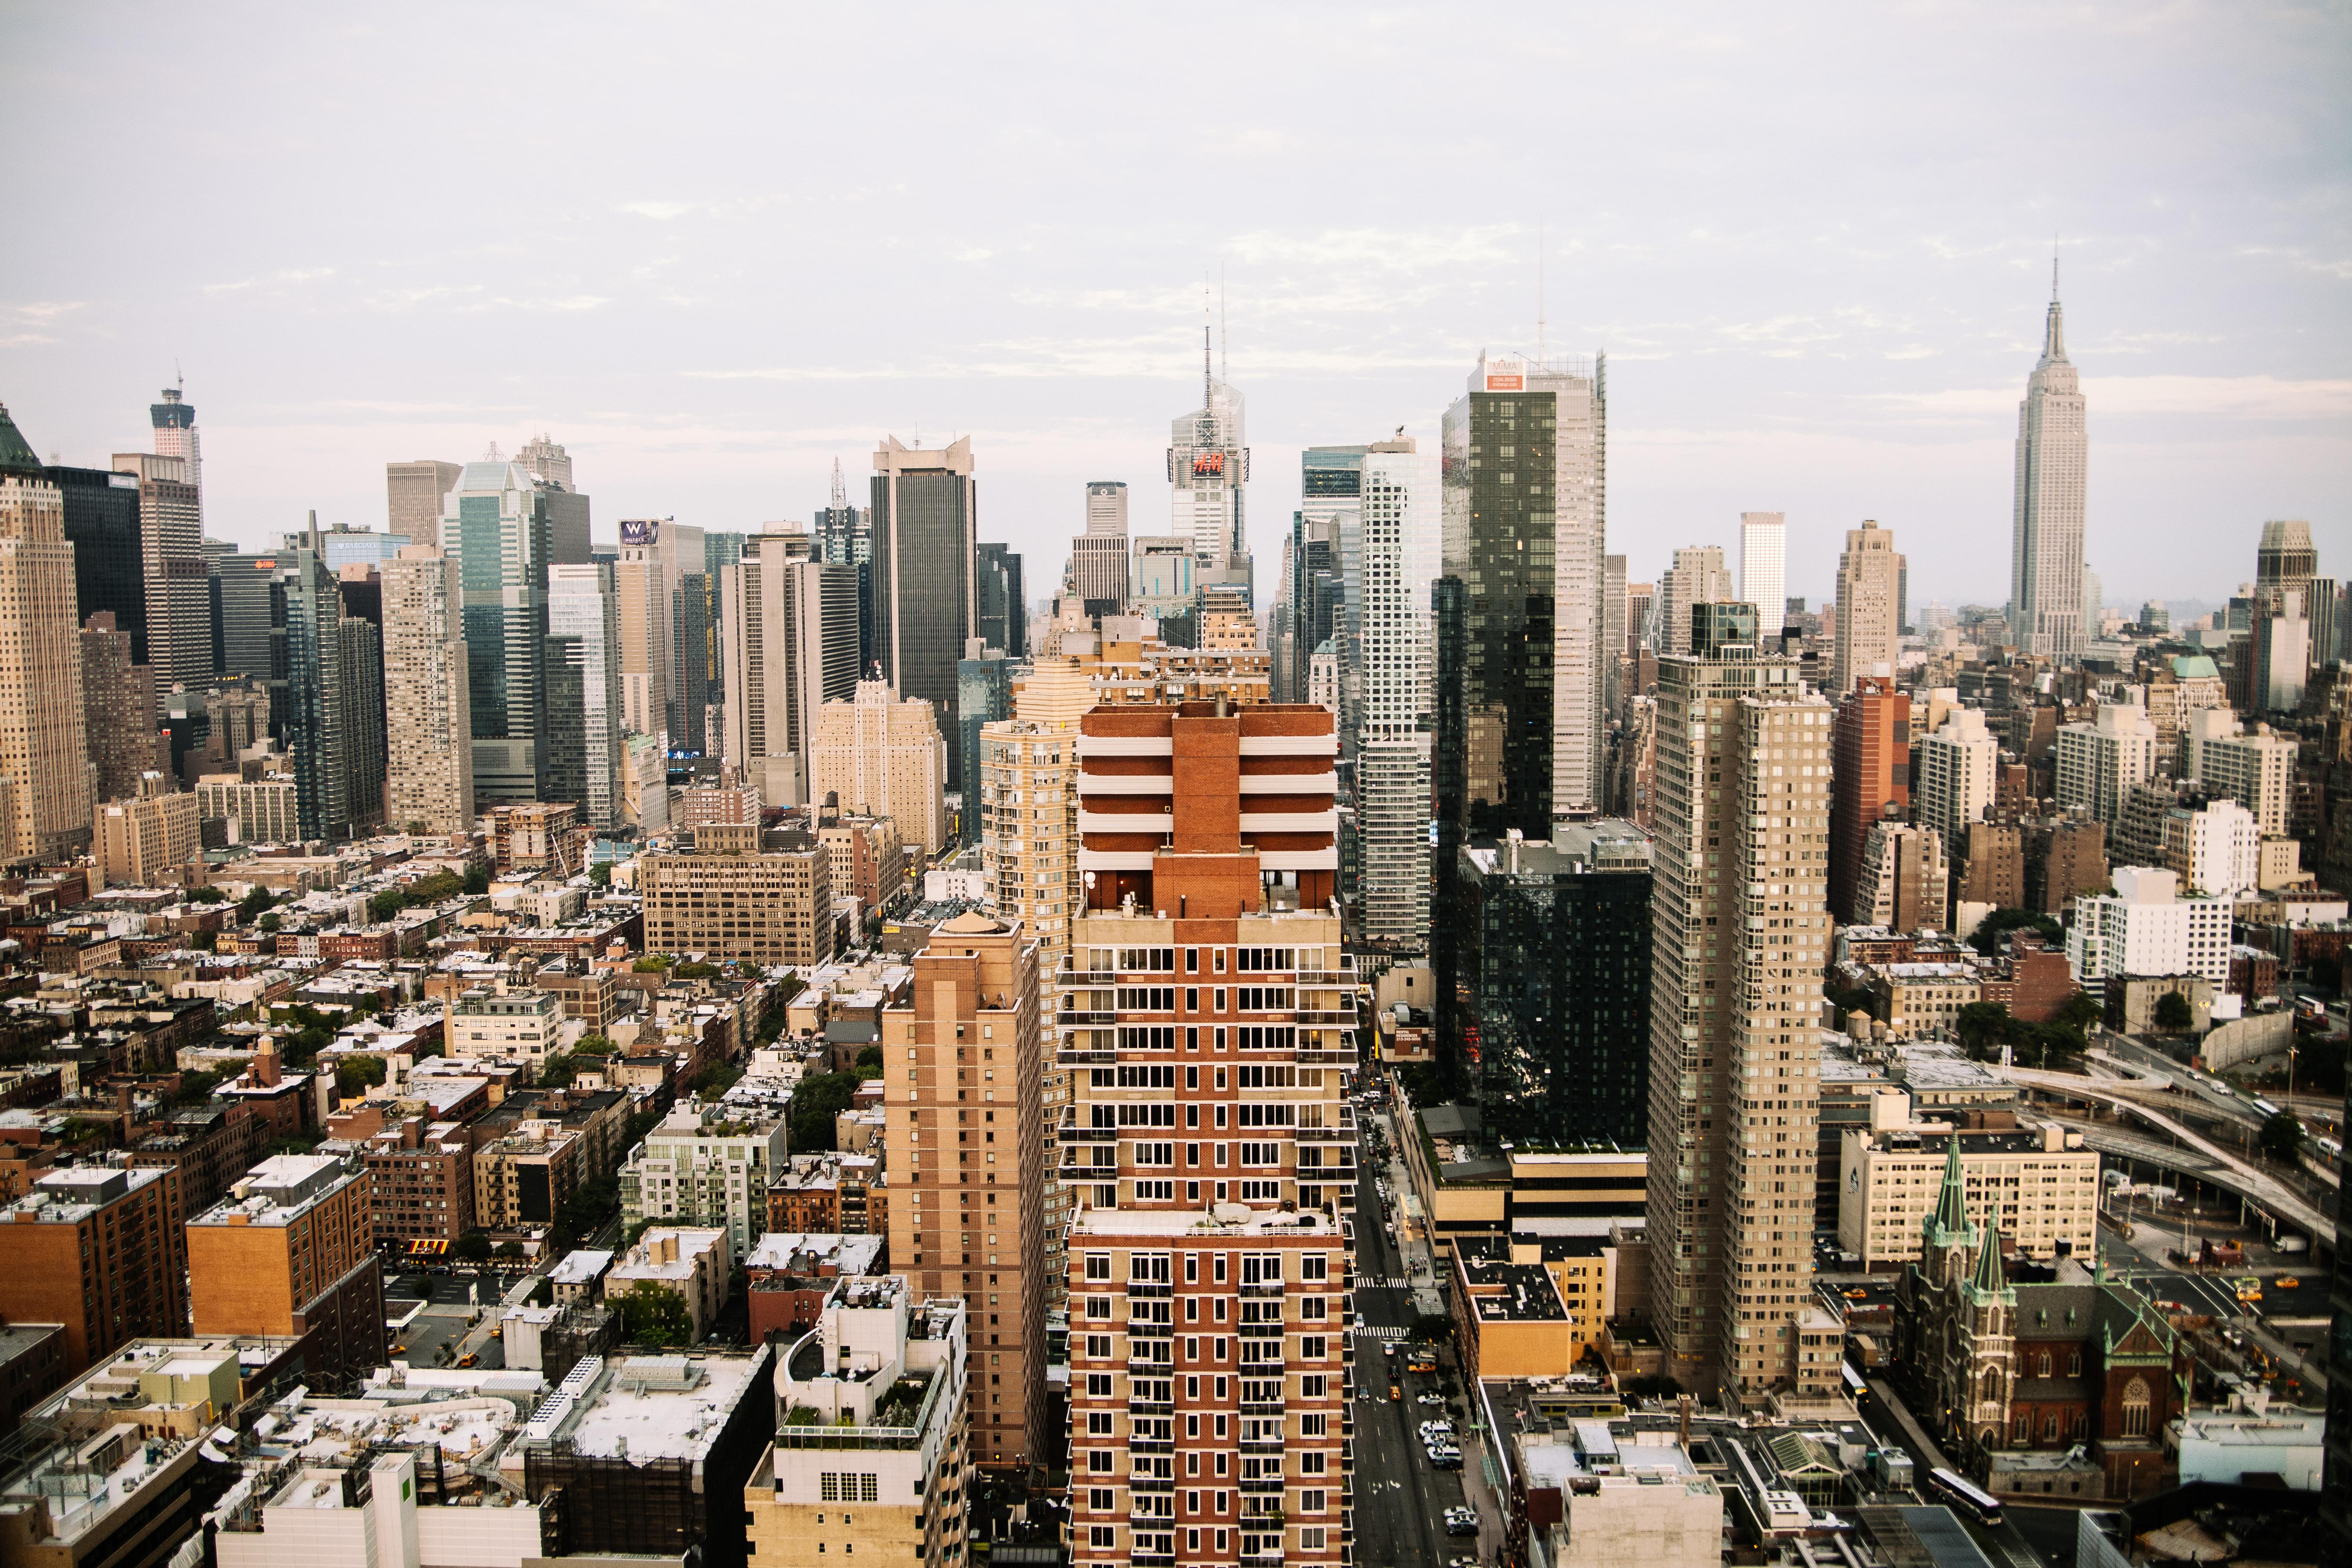 도시브랜드 자산 평가와 지수화(City Brand Equity Index)